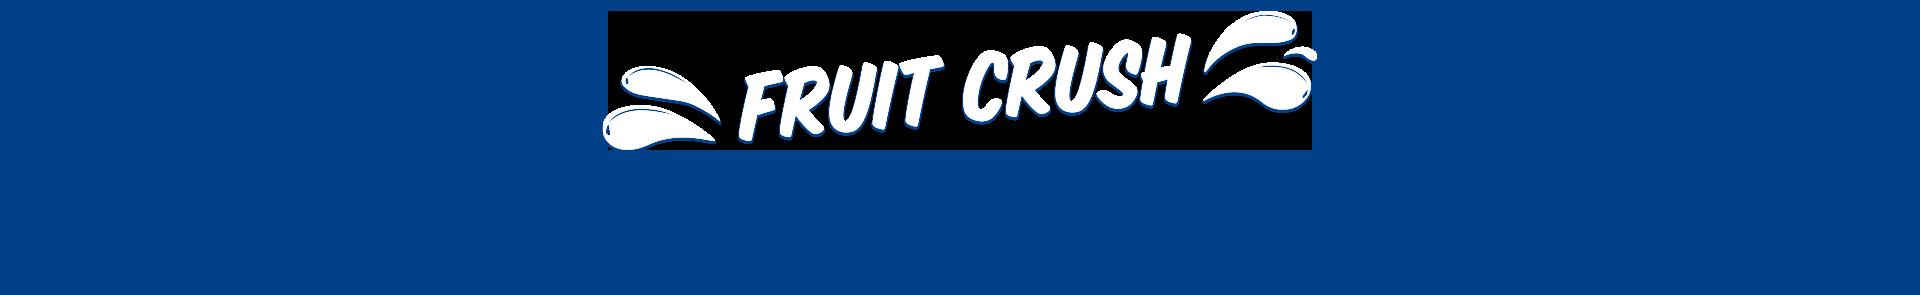 18460-CS_Fruit_Crush